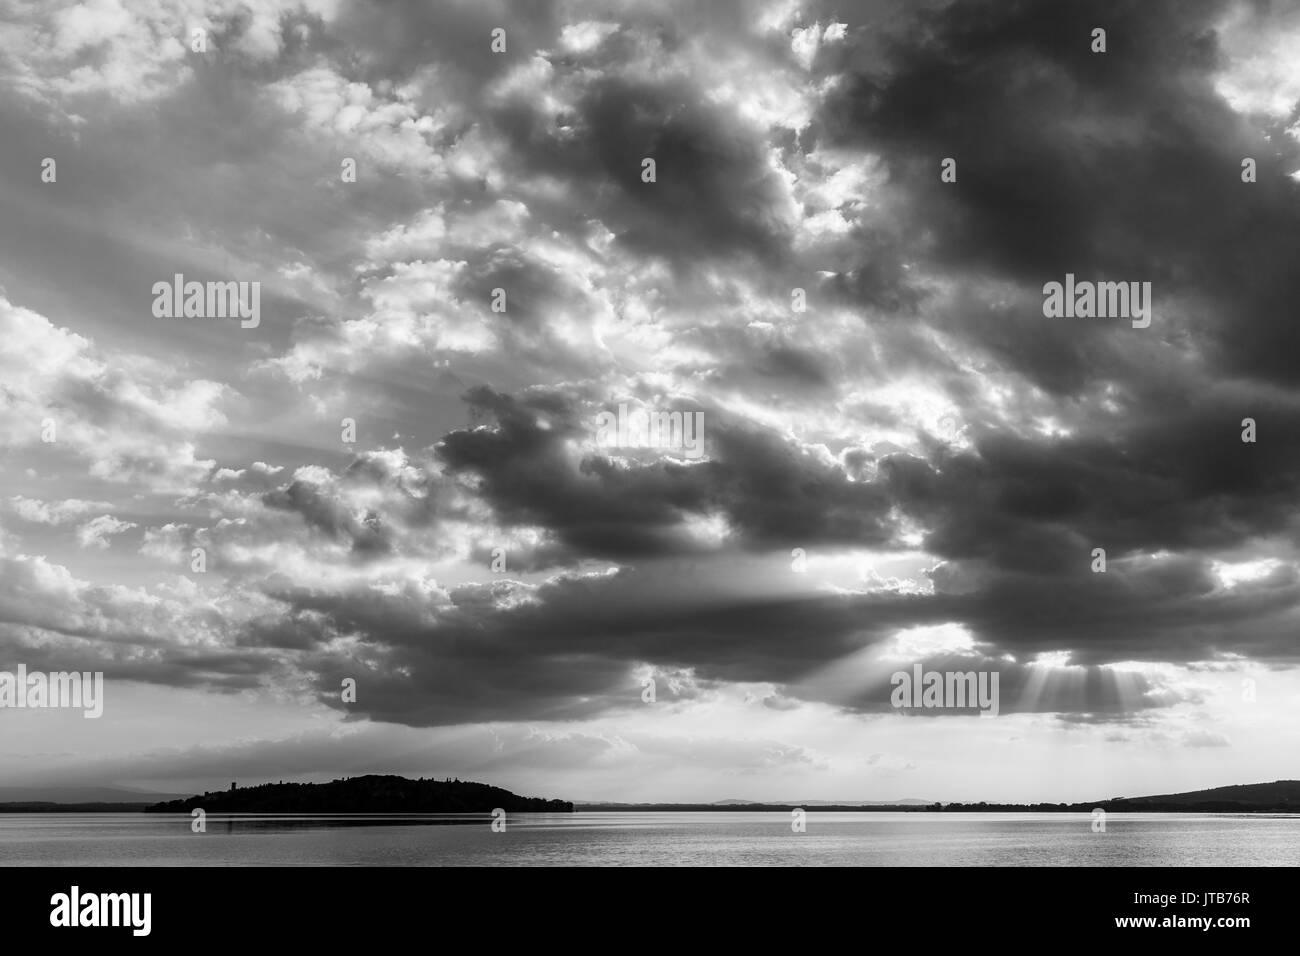 Raggi di sole che fuoriesce attraverso le nuvole sopra un isola in un lago Immagini Stock